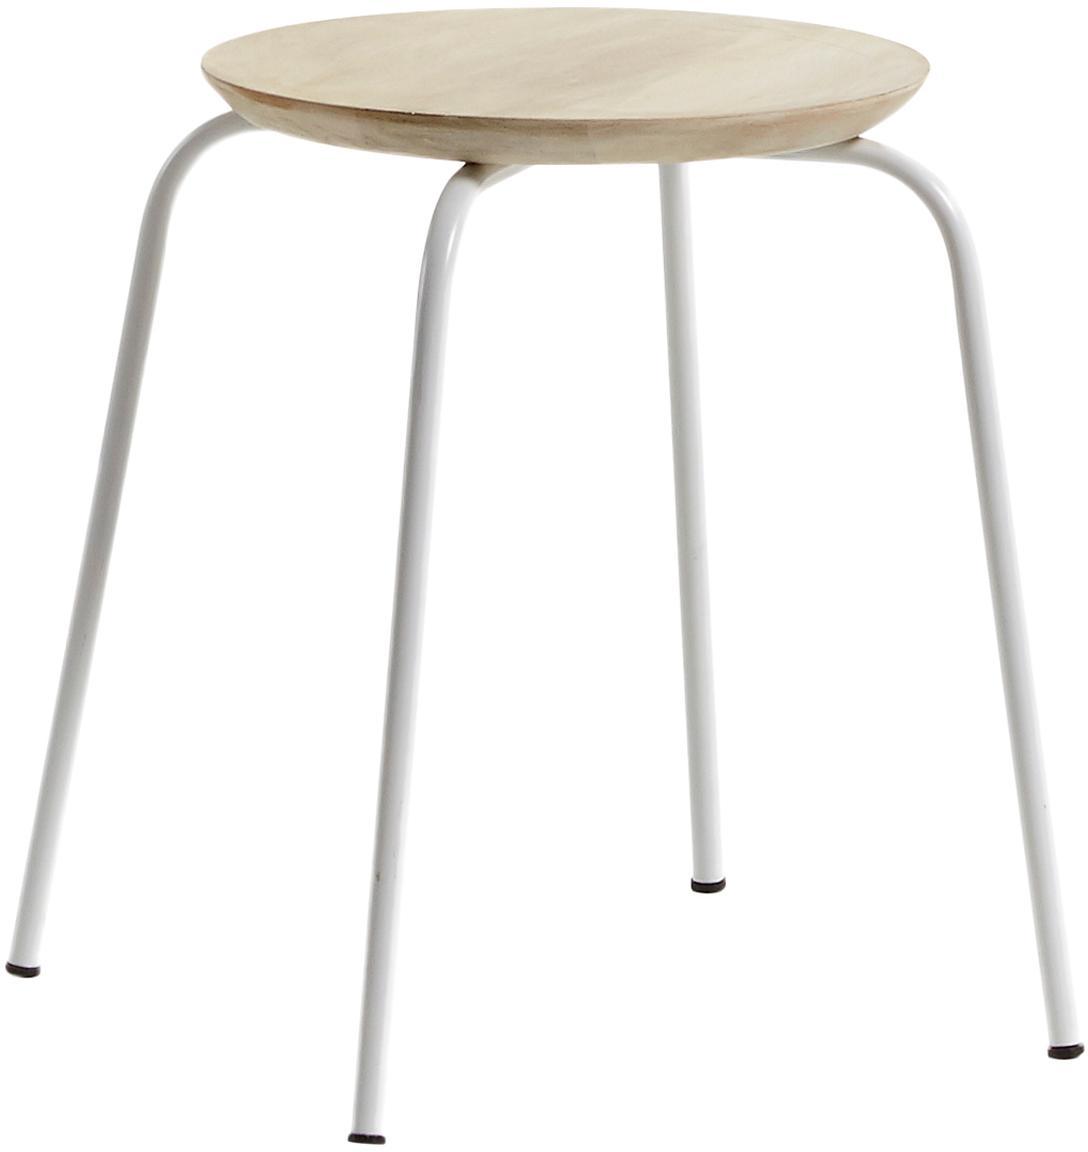 Stołek do układania w stos Ren, Nogi: metal lakierowany, Drewno mangowe, biały, Ø 40 x W 45 cm